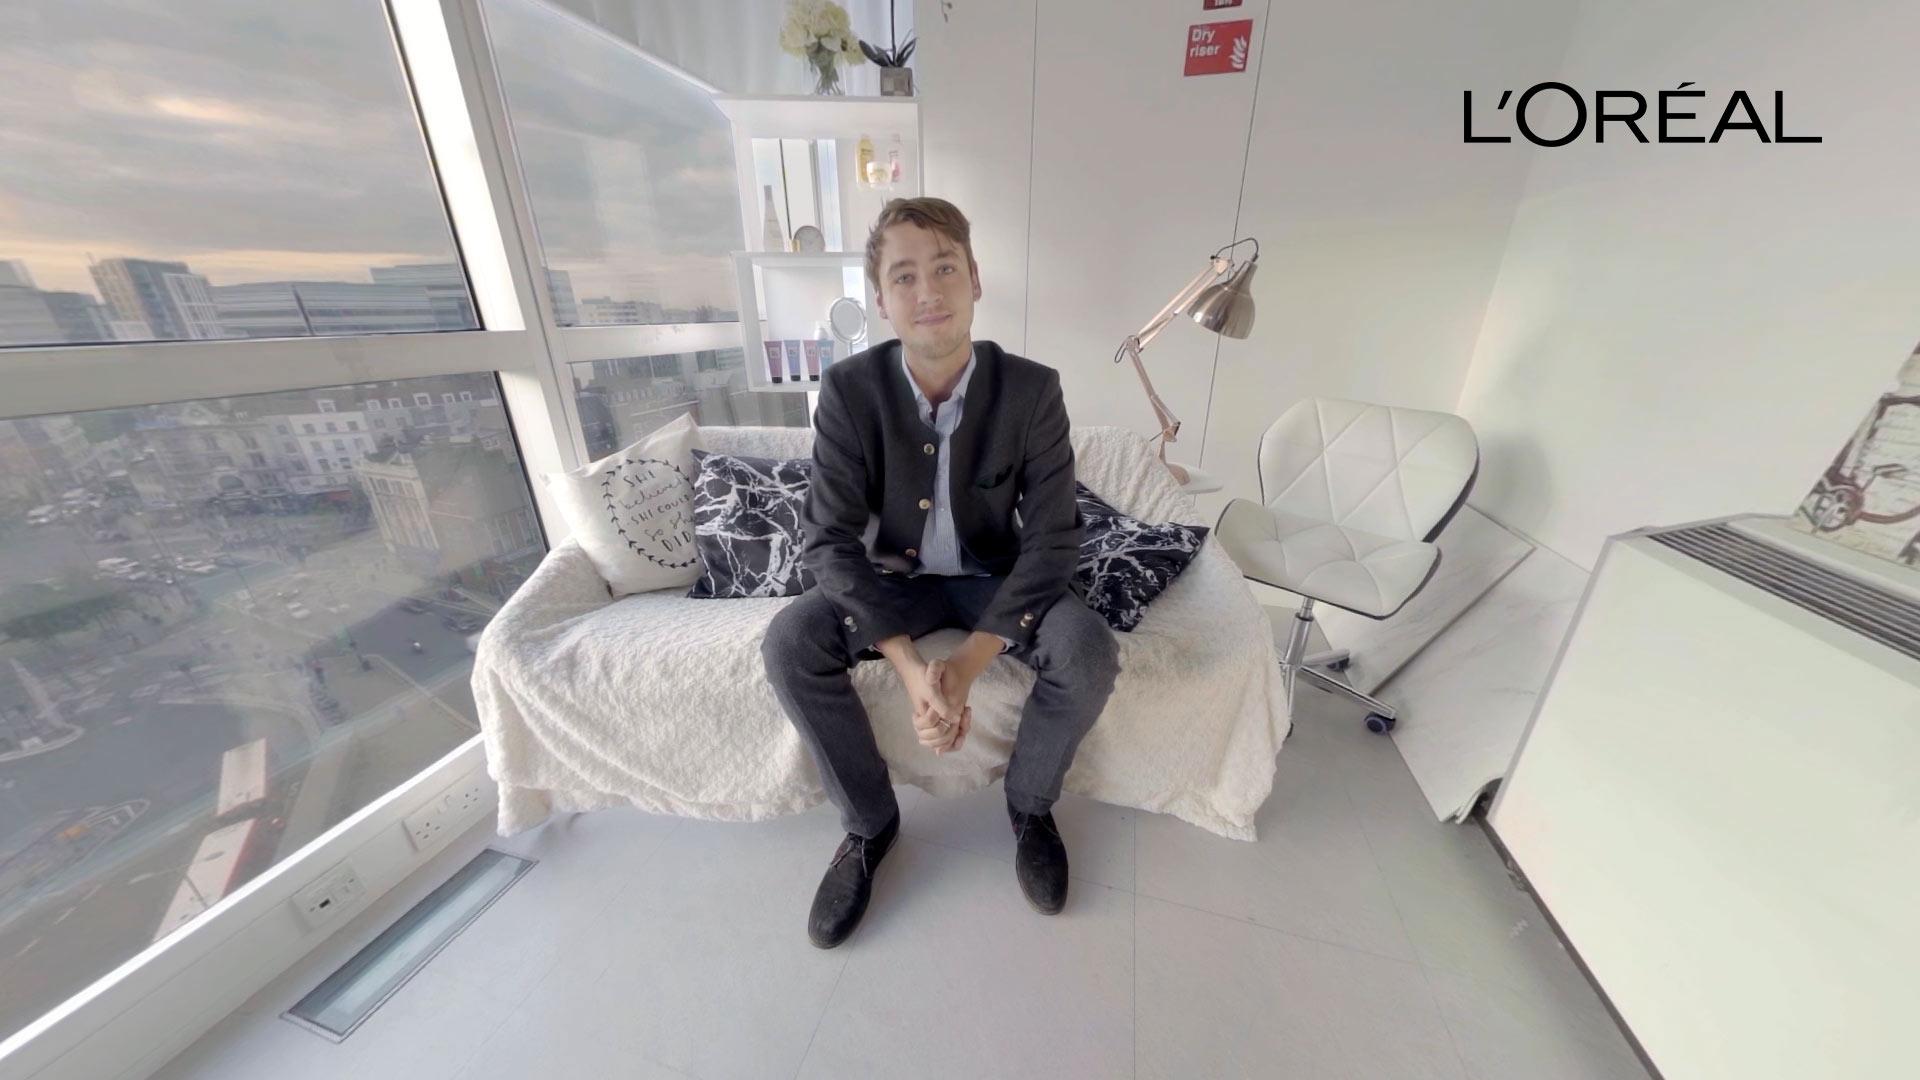 L'Oréal VR Recruitment Experience